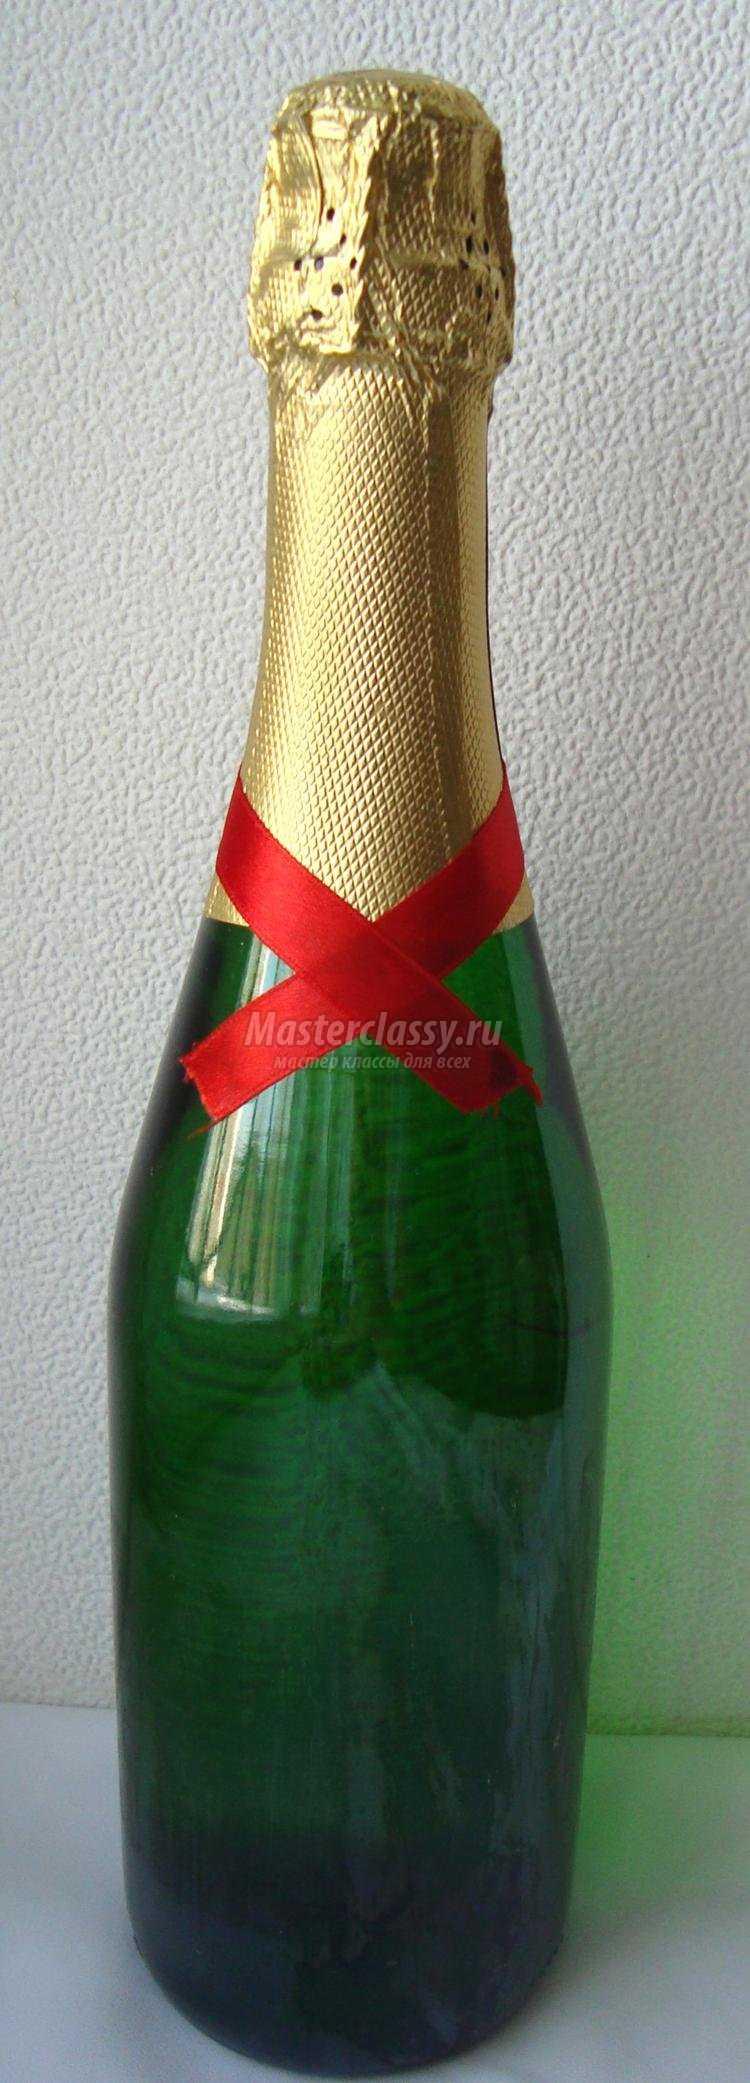 Украшения шампанского своими руками фото